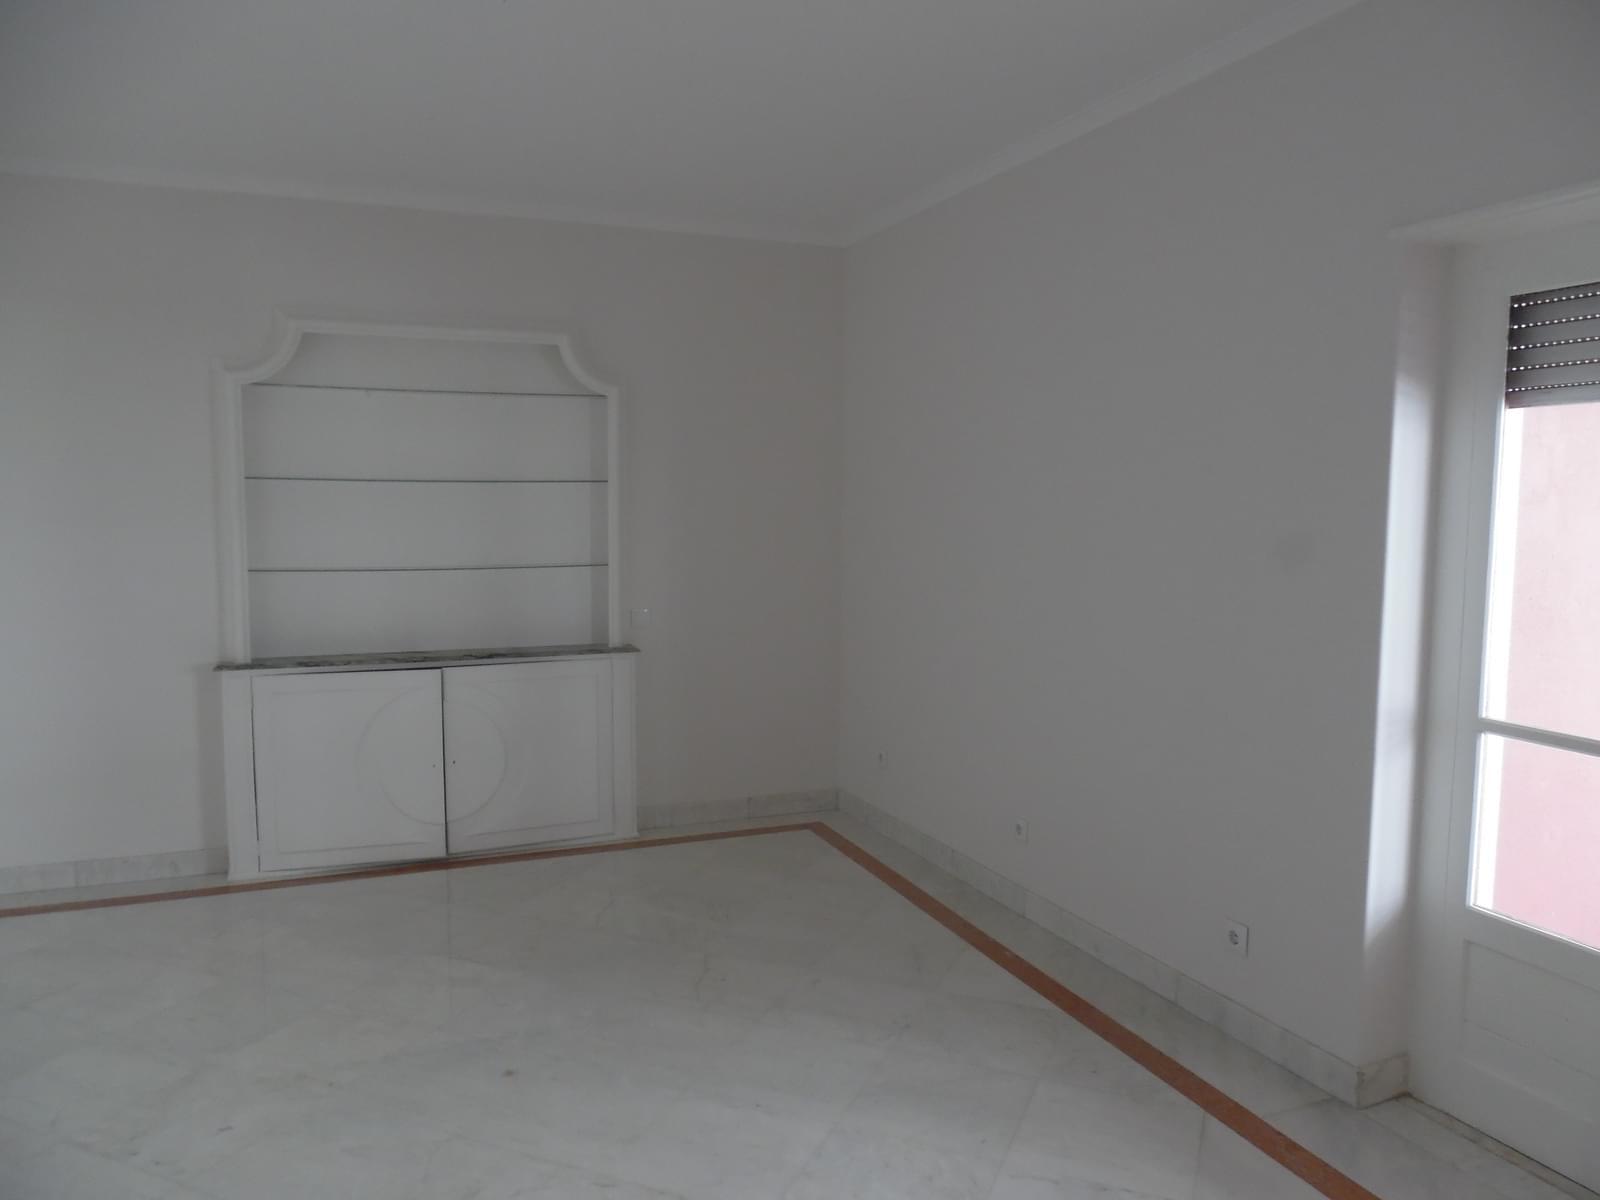 pf17621-apartamento-t4-lisboa-4bb025f9-0633-4358-8800-f3d53e693396